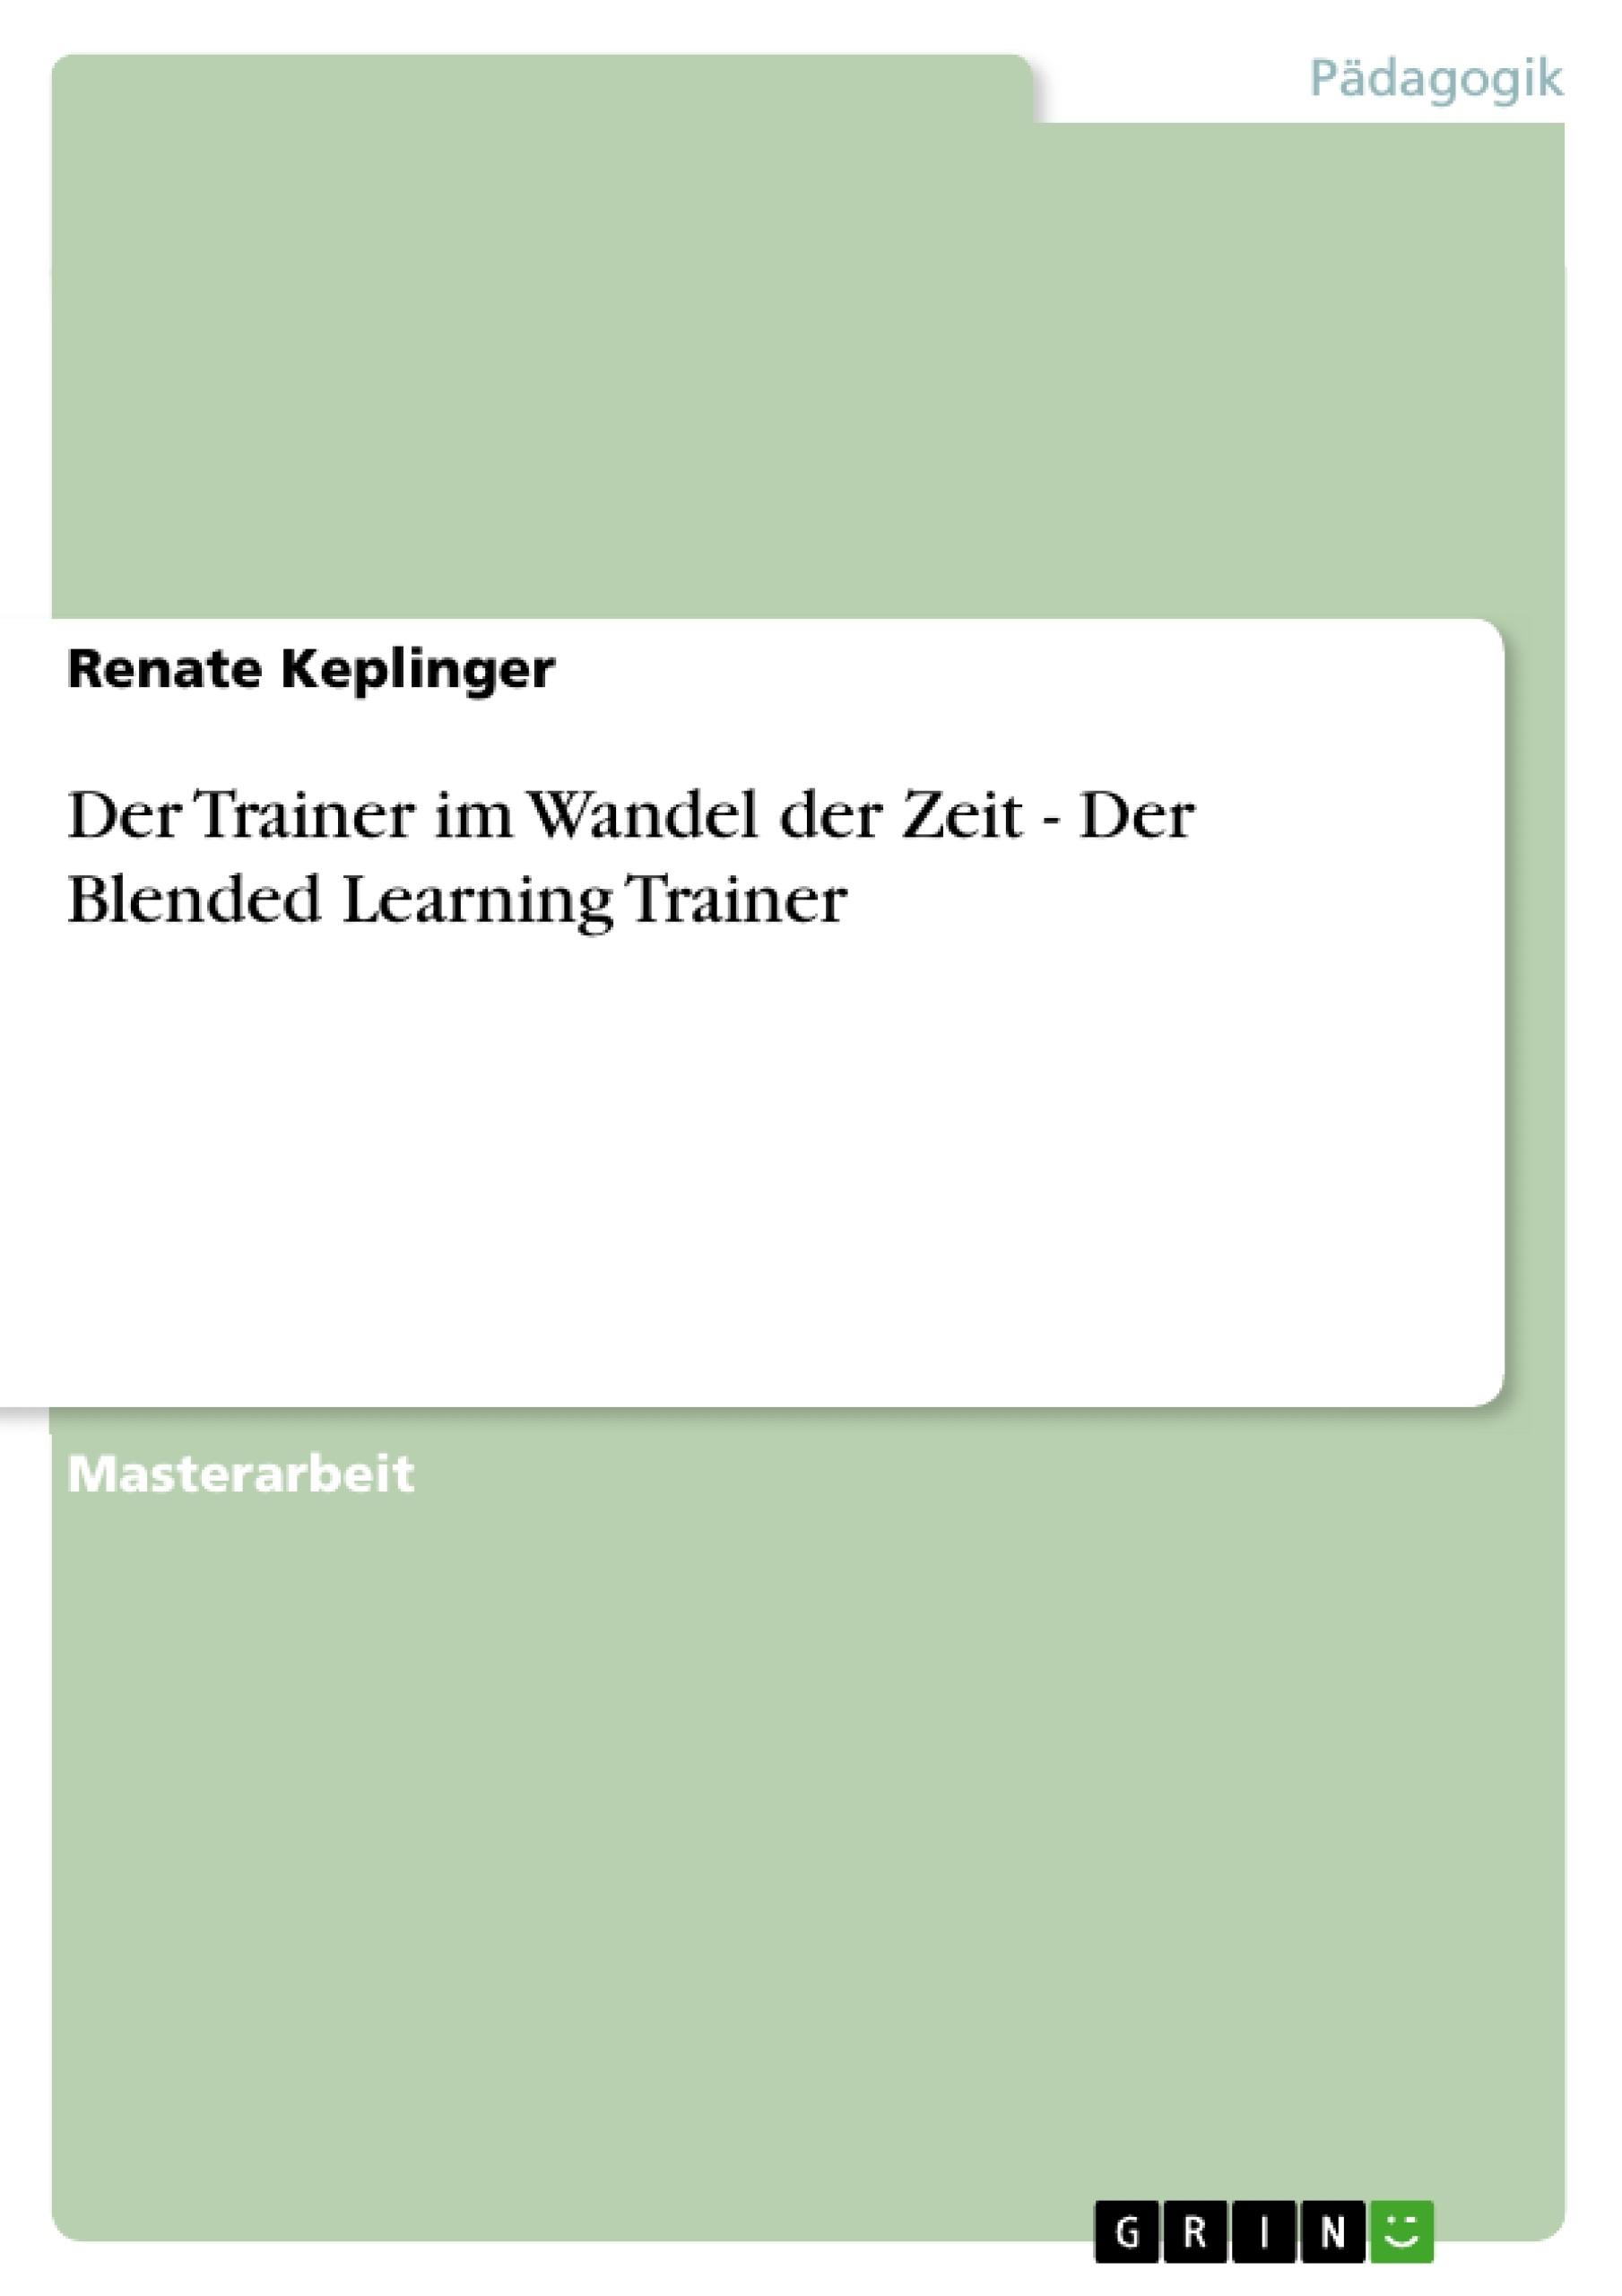 Titel: Der Trainer im Wandel der Zeit - Der Blended Learning Trainer